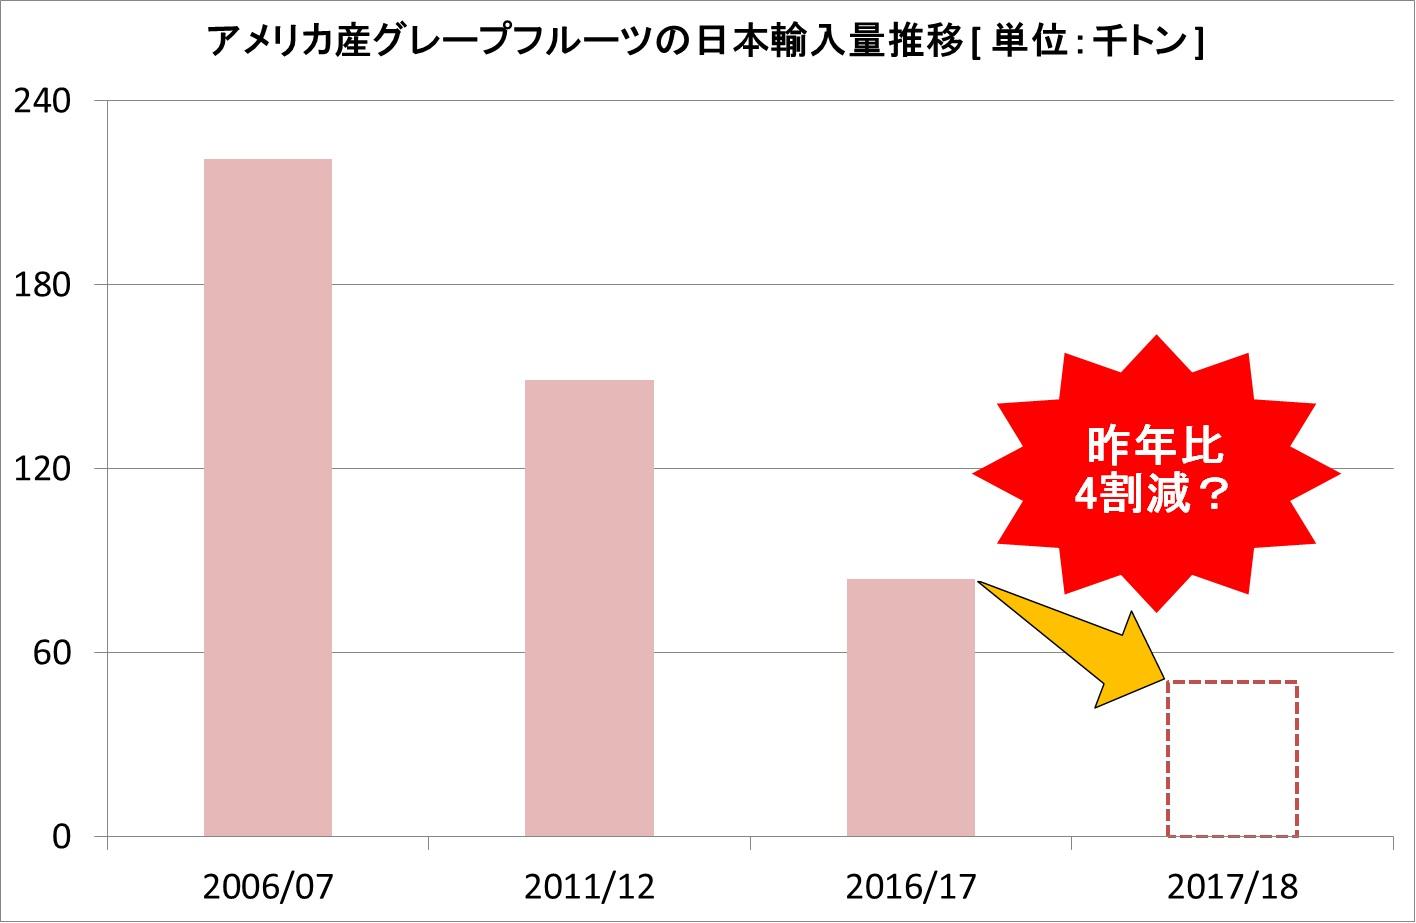 アメリカのグレープフルーツの日本輸入量